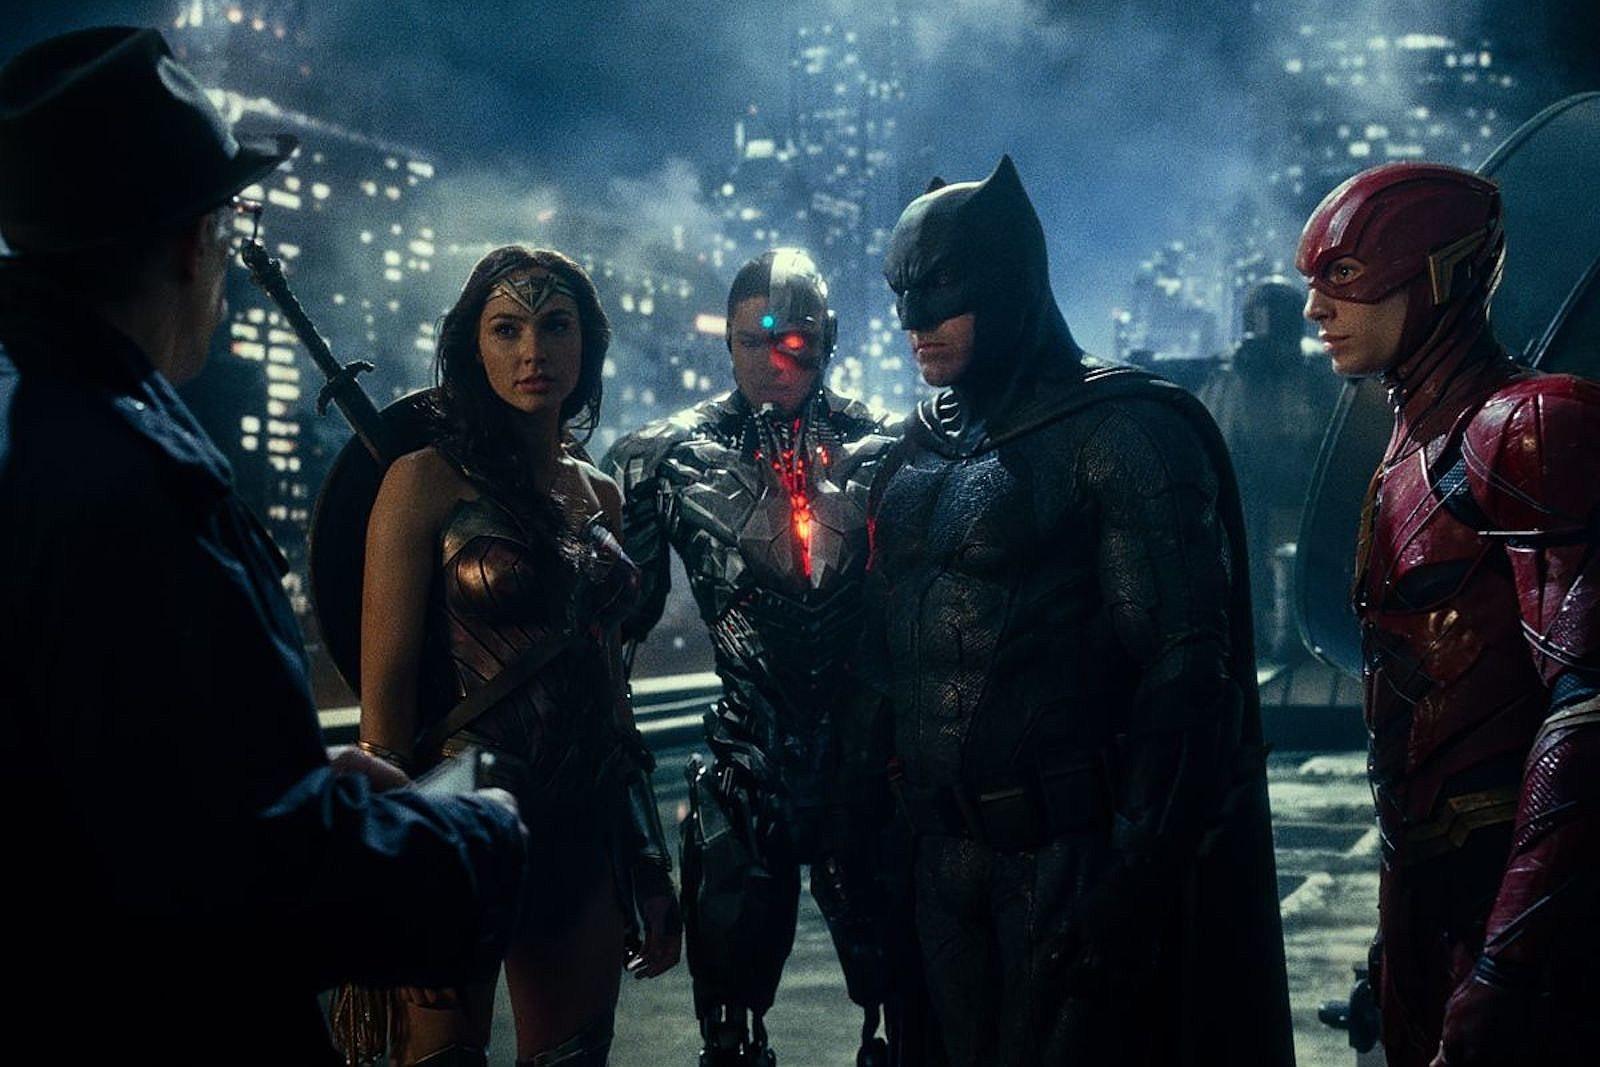 una scena dal film Justice League